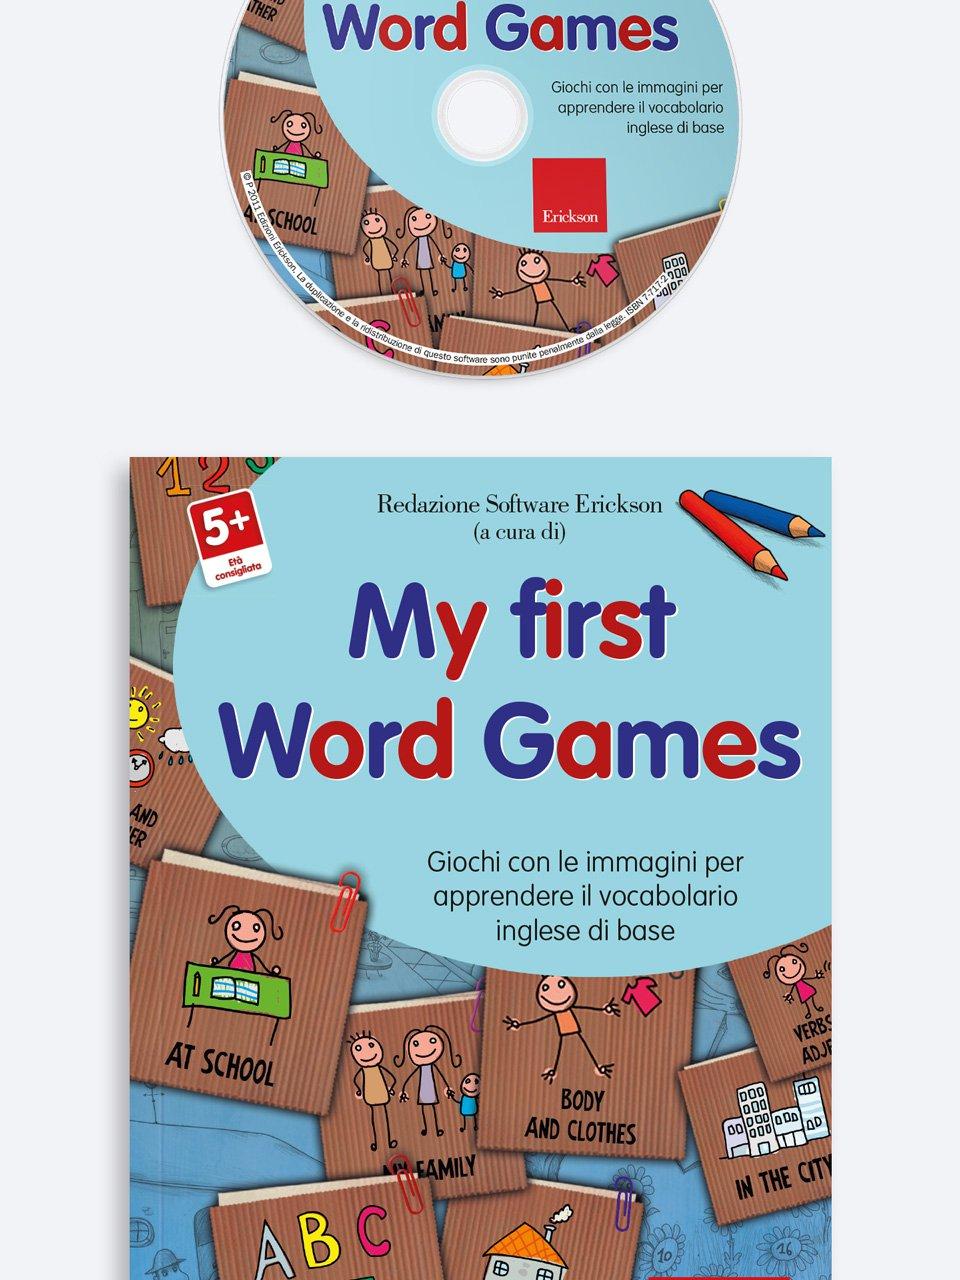 My First Word Games - App e software - Erickson